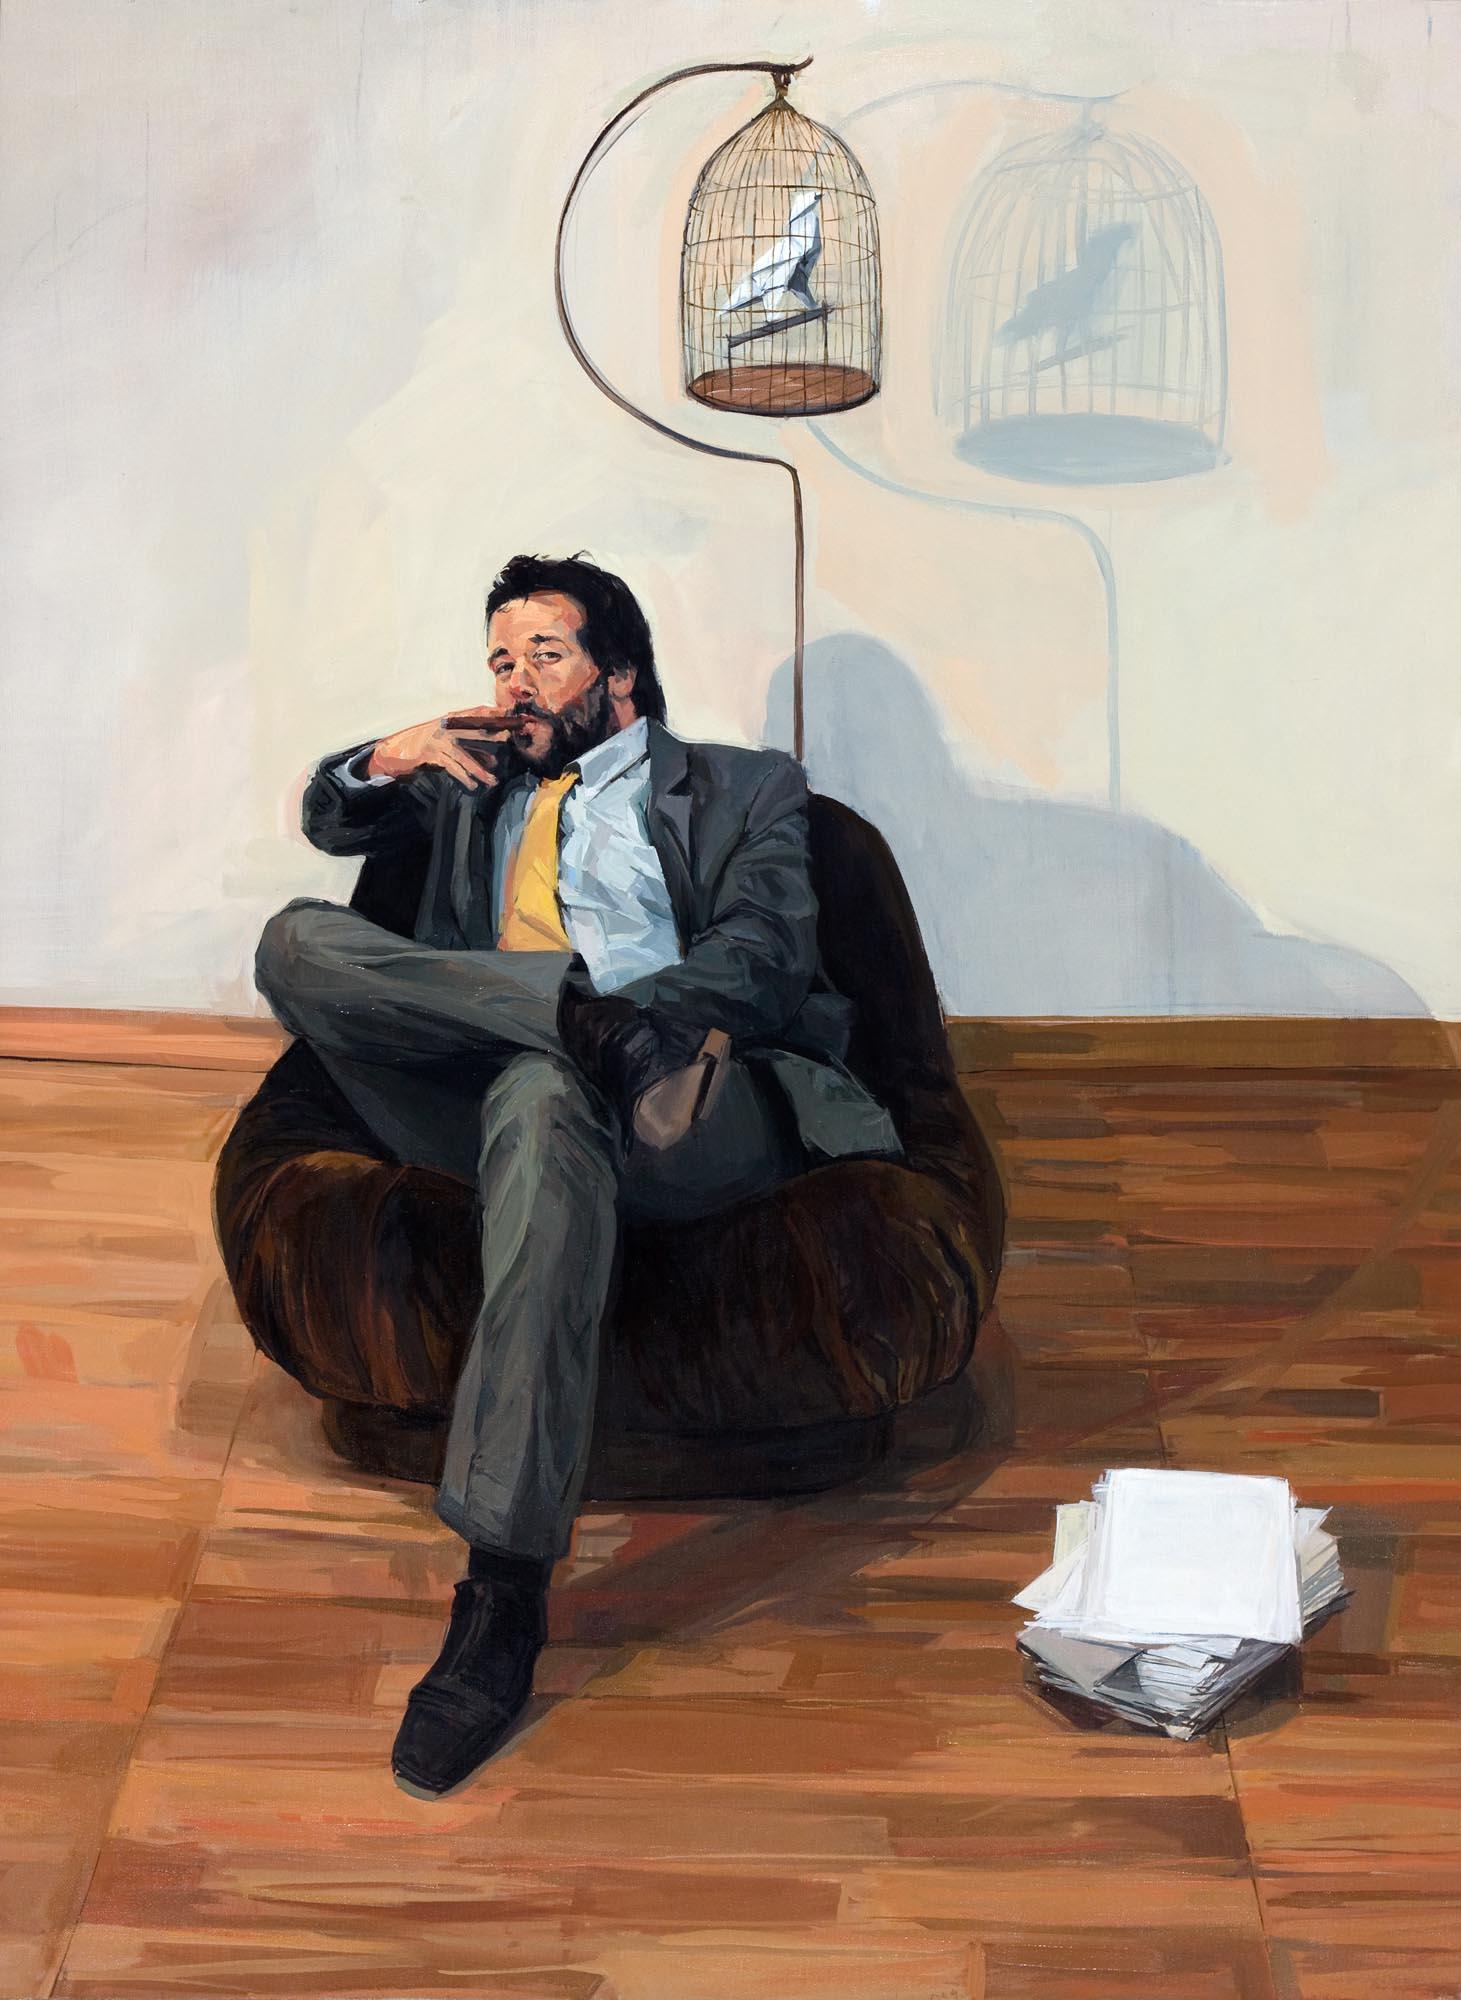 Quique Sena. La jaula (1), 2011. Óleo sobre lienzo, 150 x 110 cm.